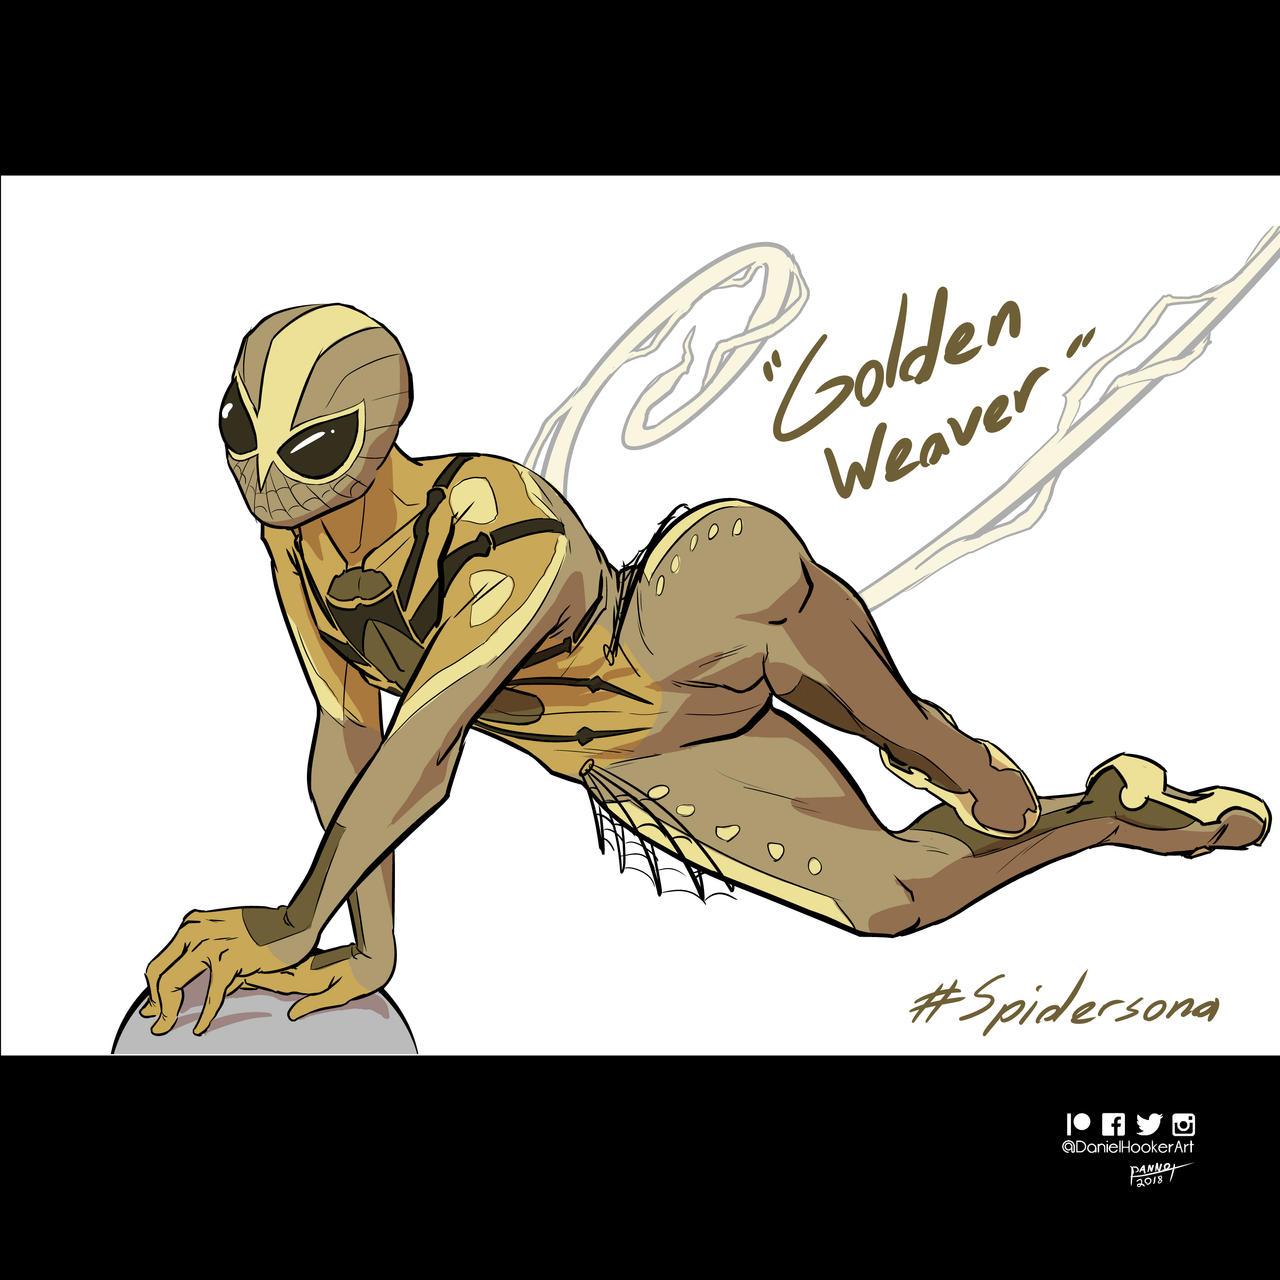 Spidersona : Golden Weaver